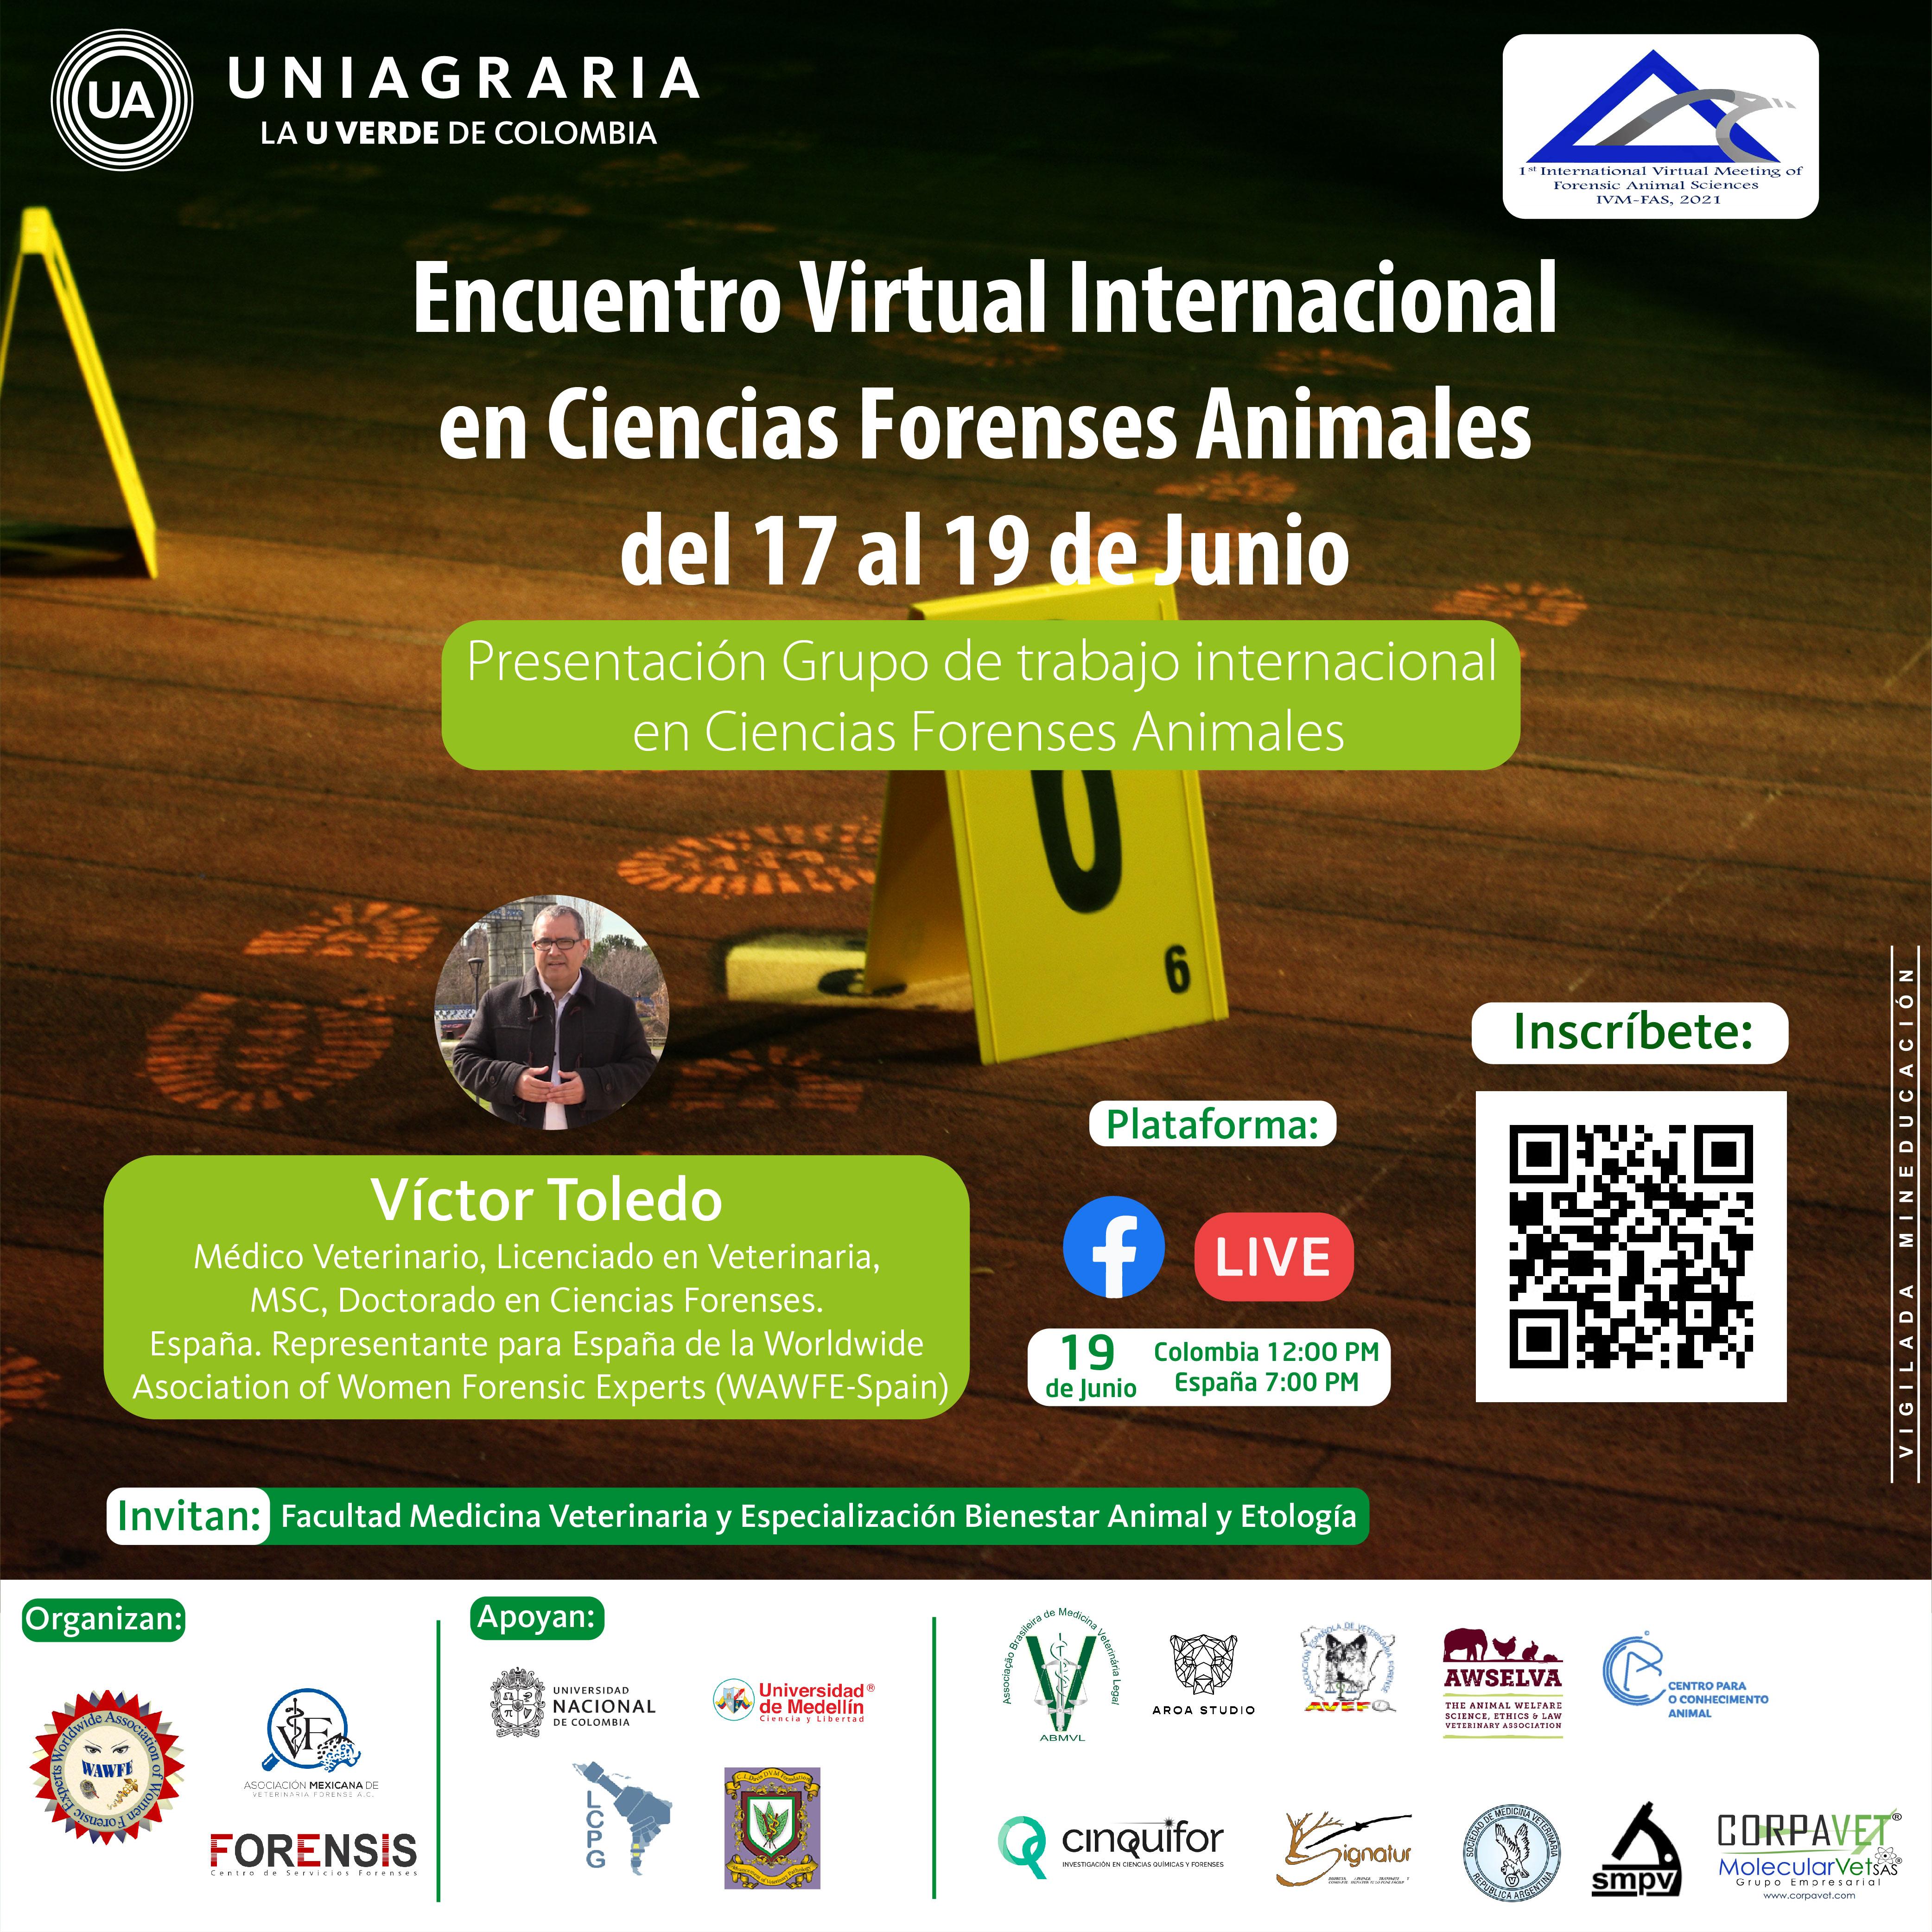 Encuentro Virtual Internacional en Ciencias Forenses Animales